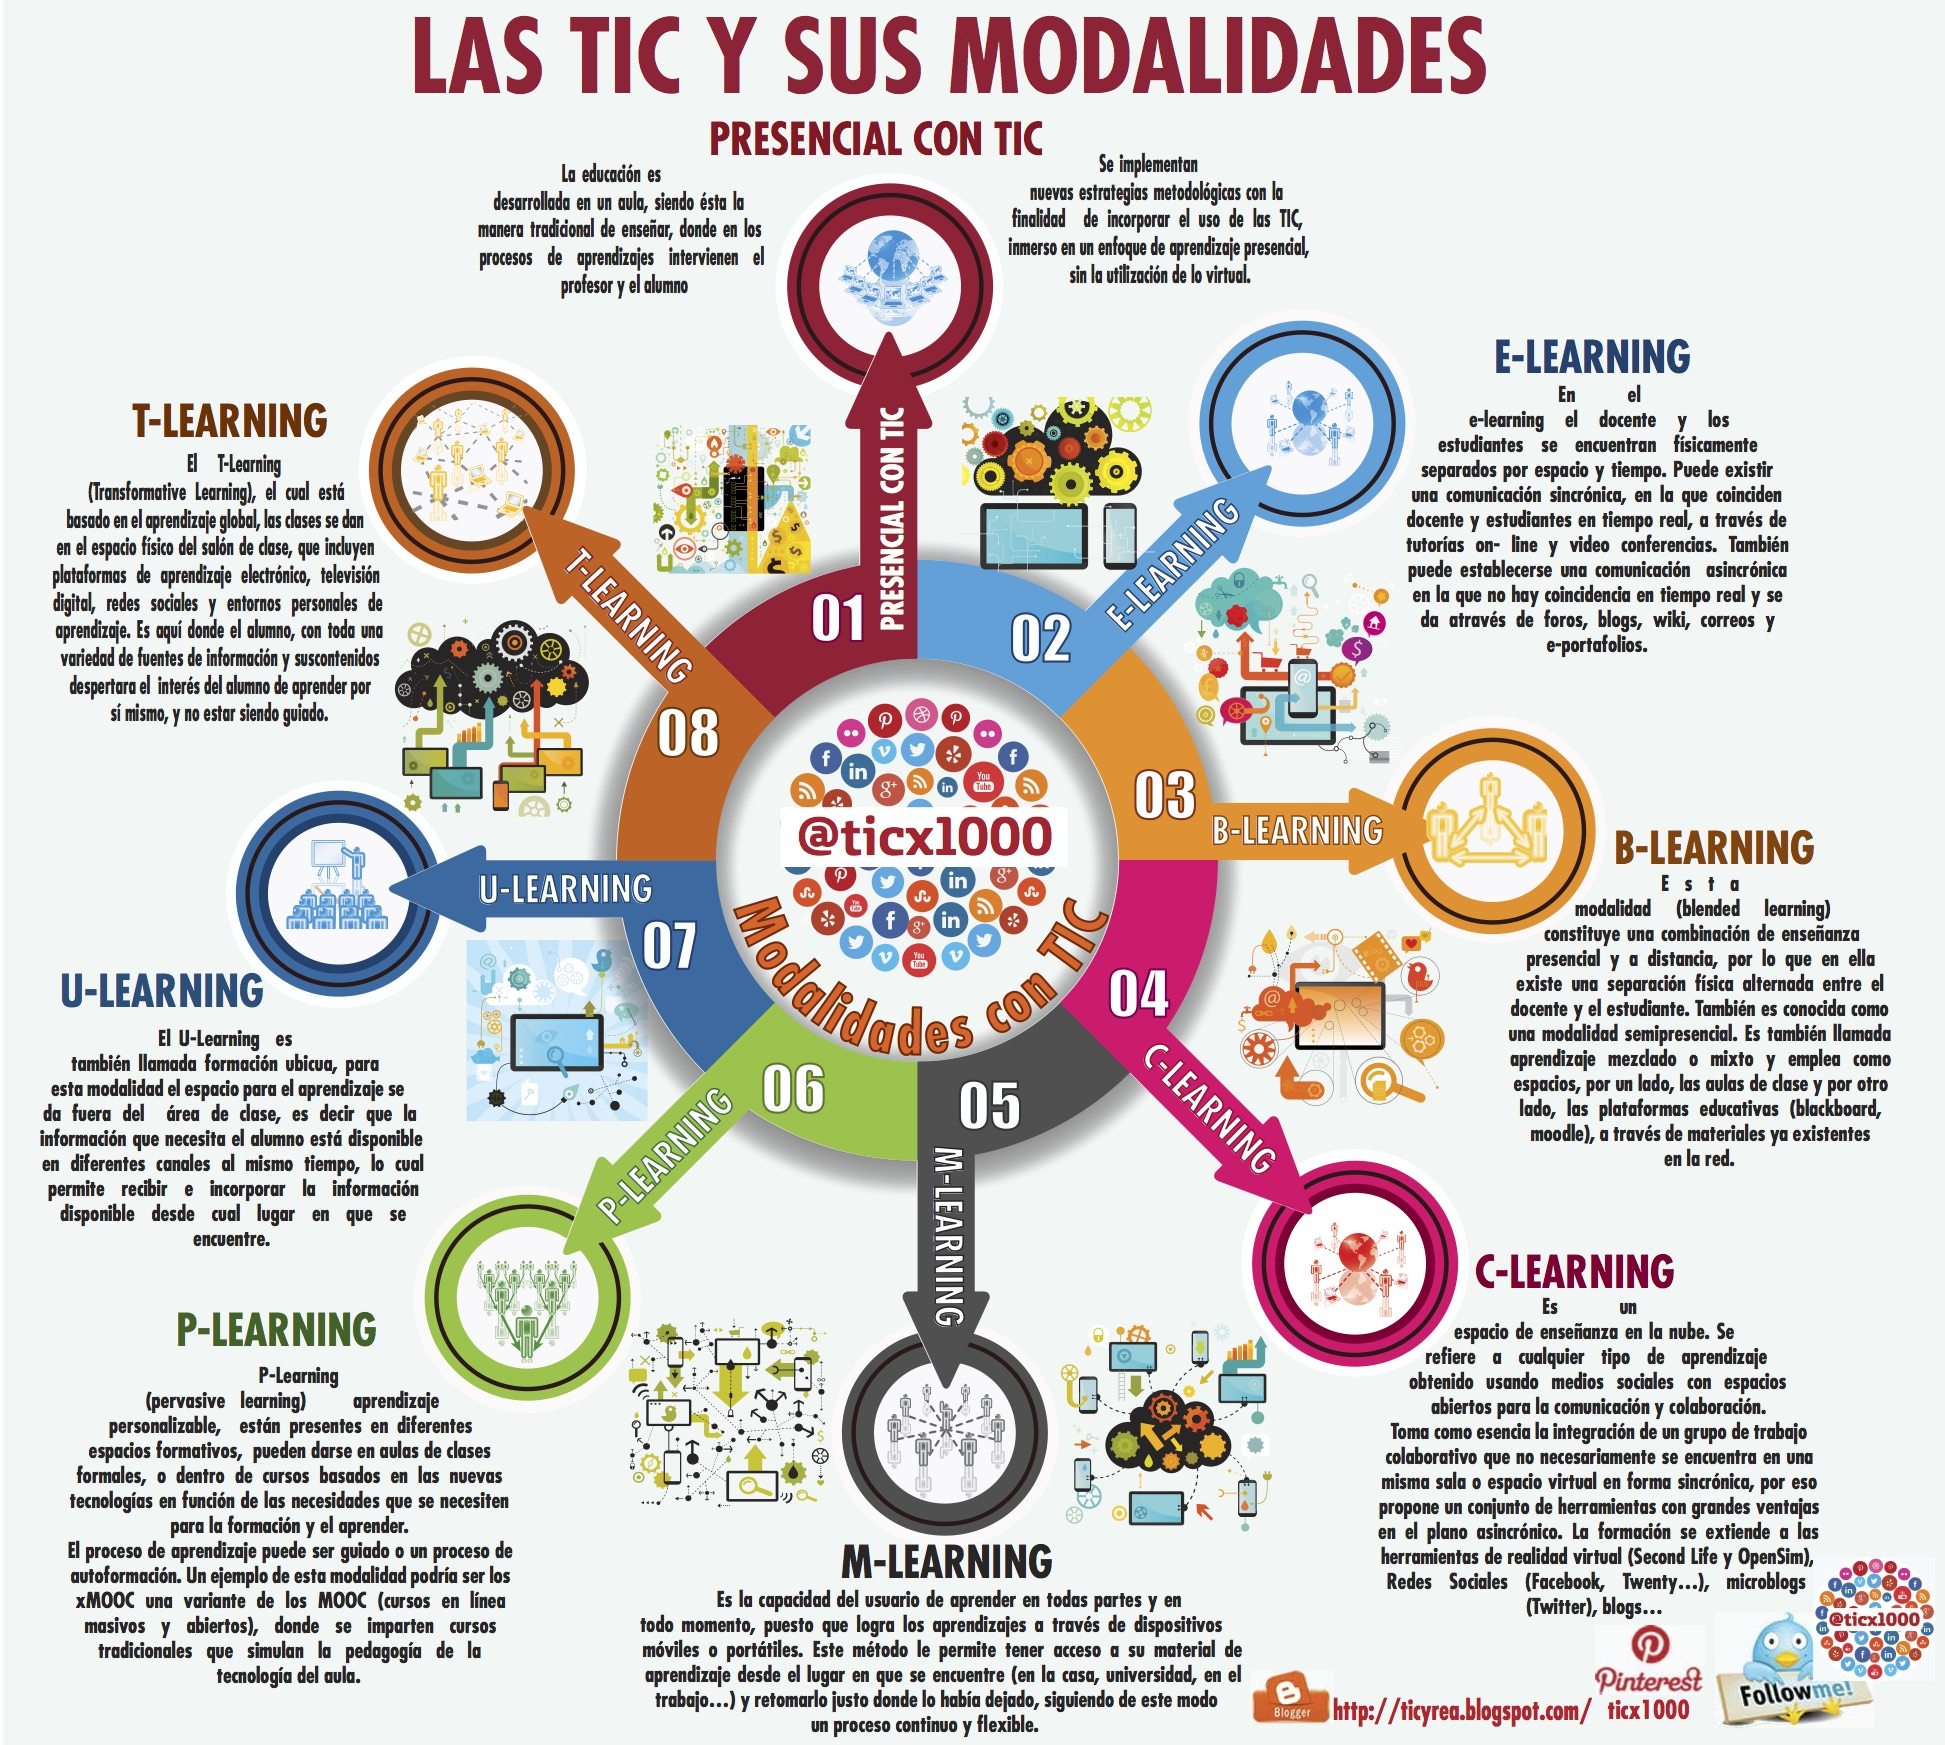 Modalidades tic de la educaci n infografia infographic - Organizador mandos a distancia ...